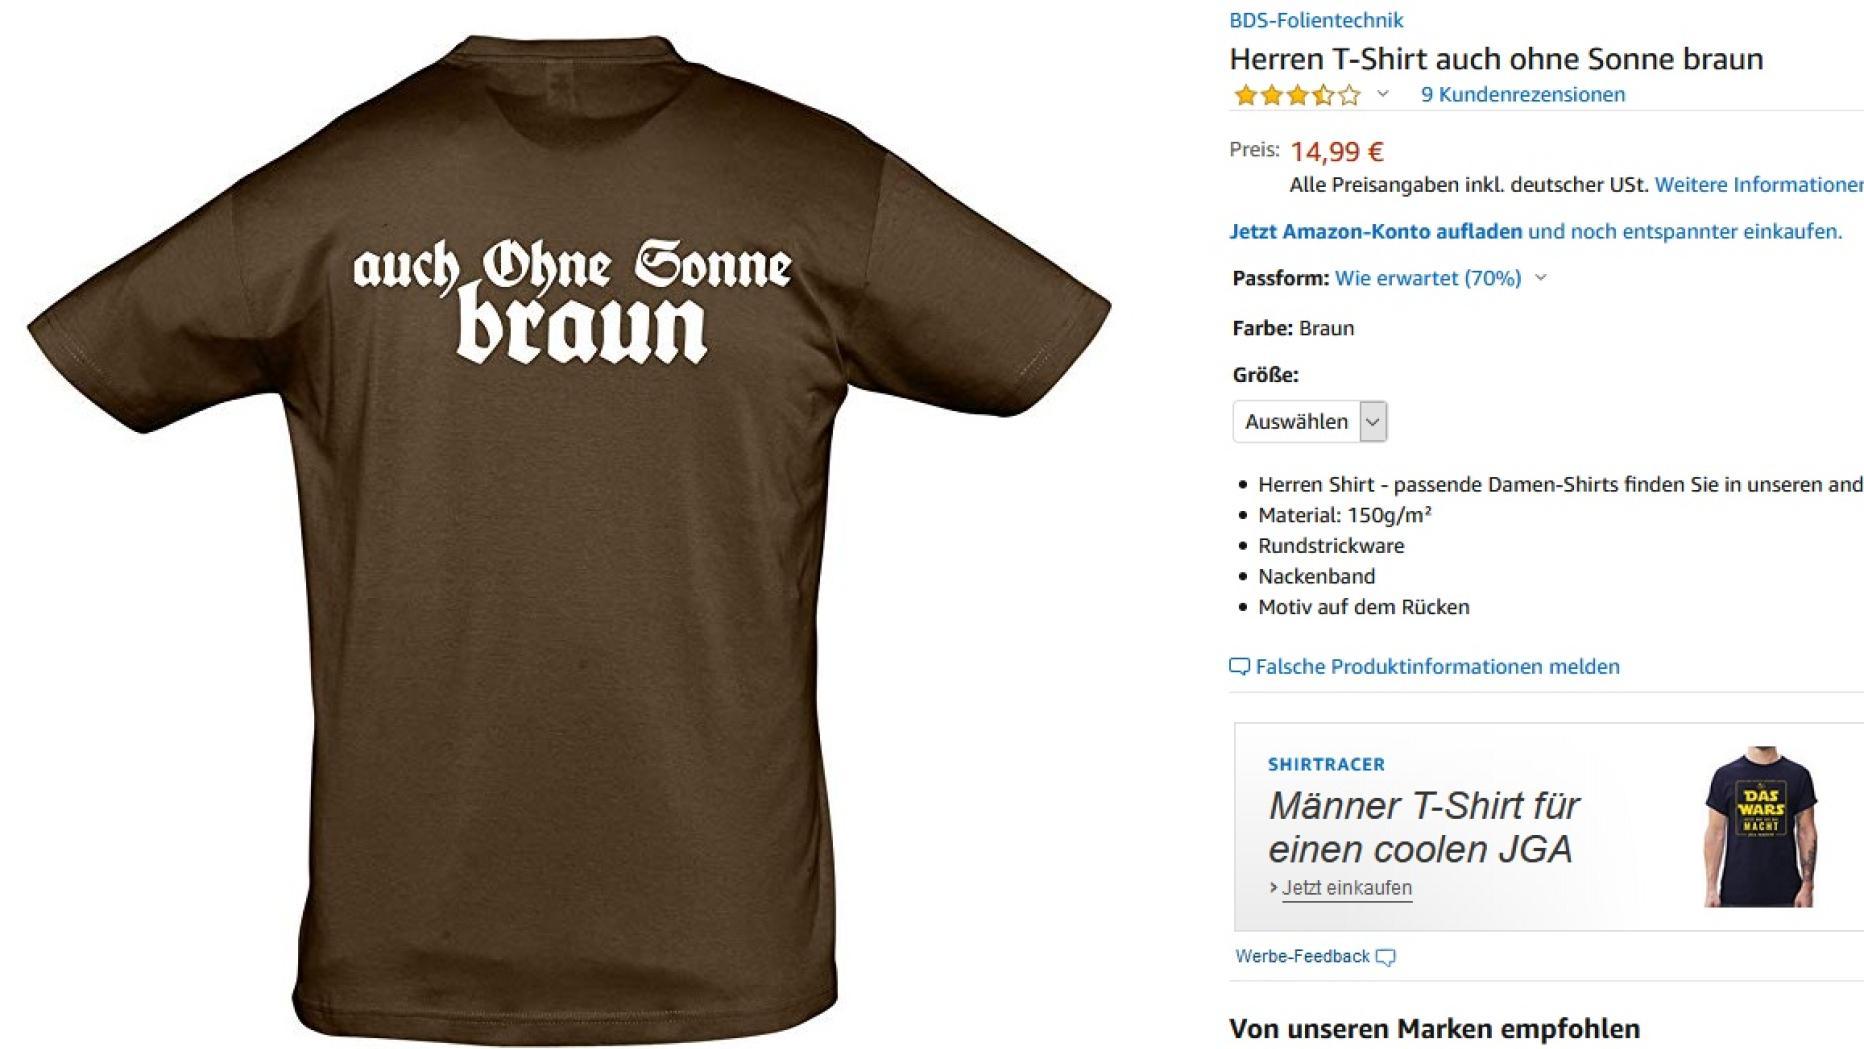 df9b3579915a0b Zentralrat: Amazon soll endlich aufhören Nazi-Artikel zu verkaufen    futurezone.at